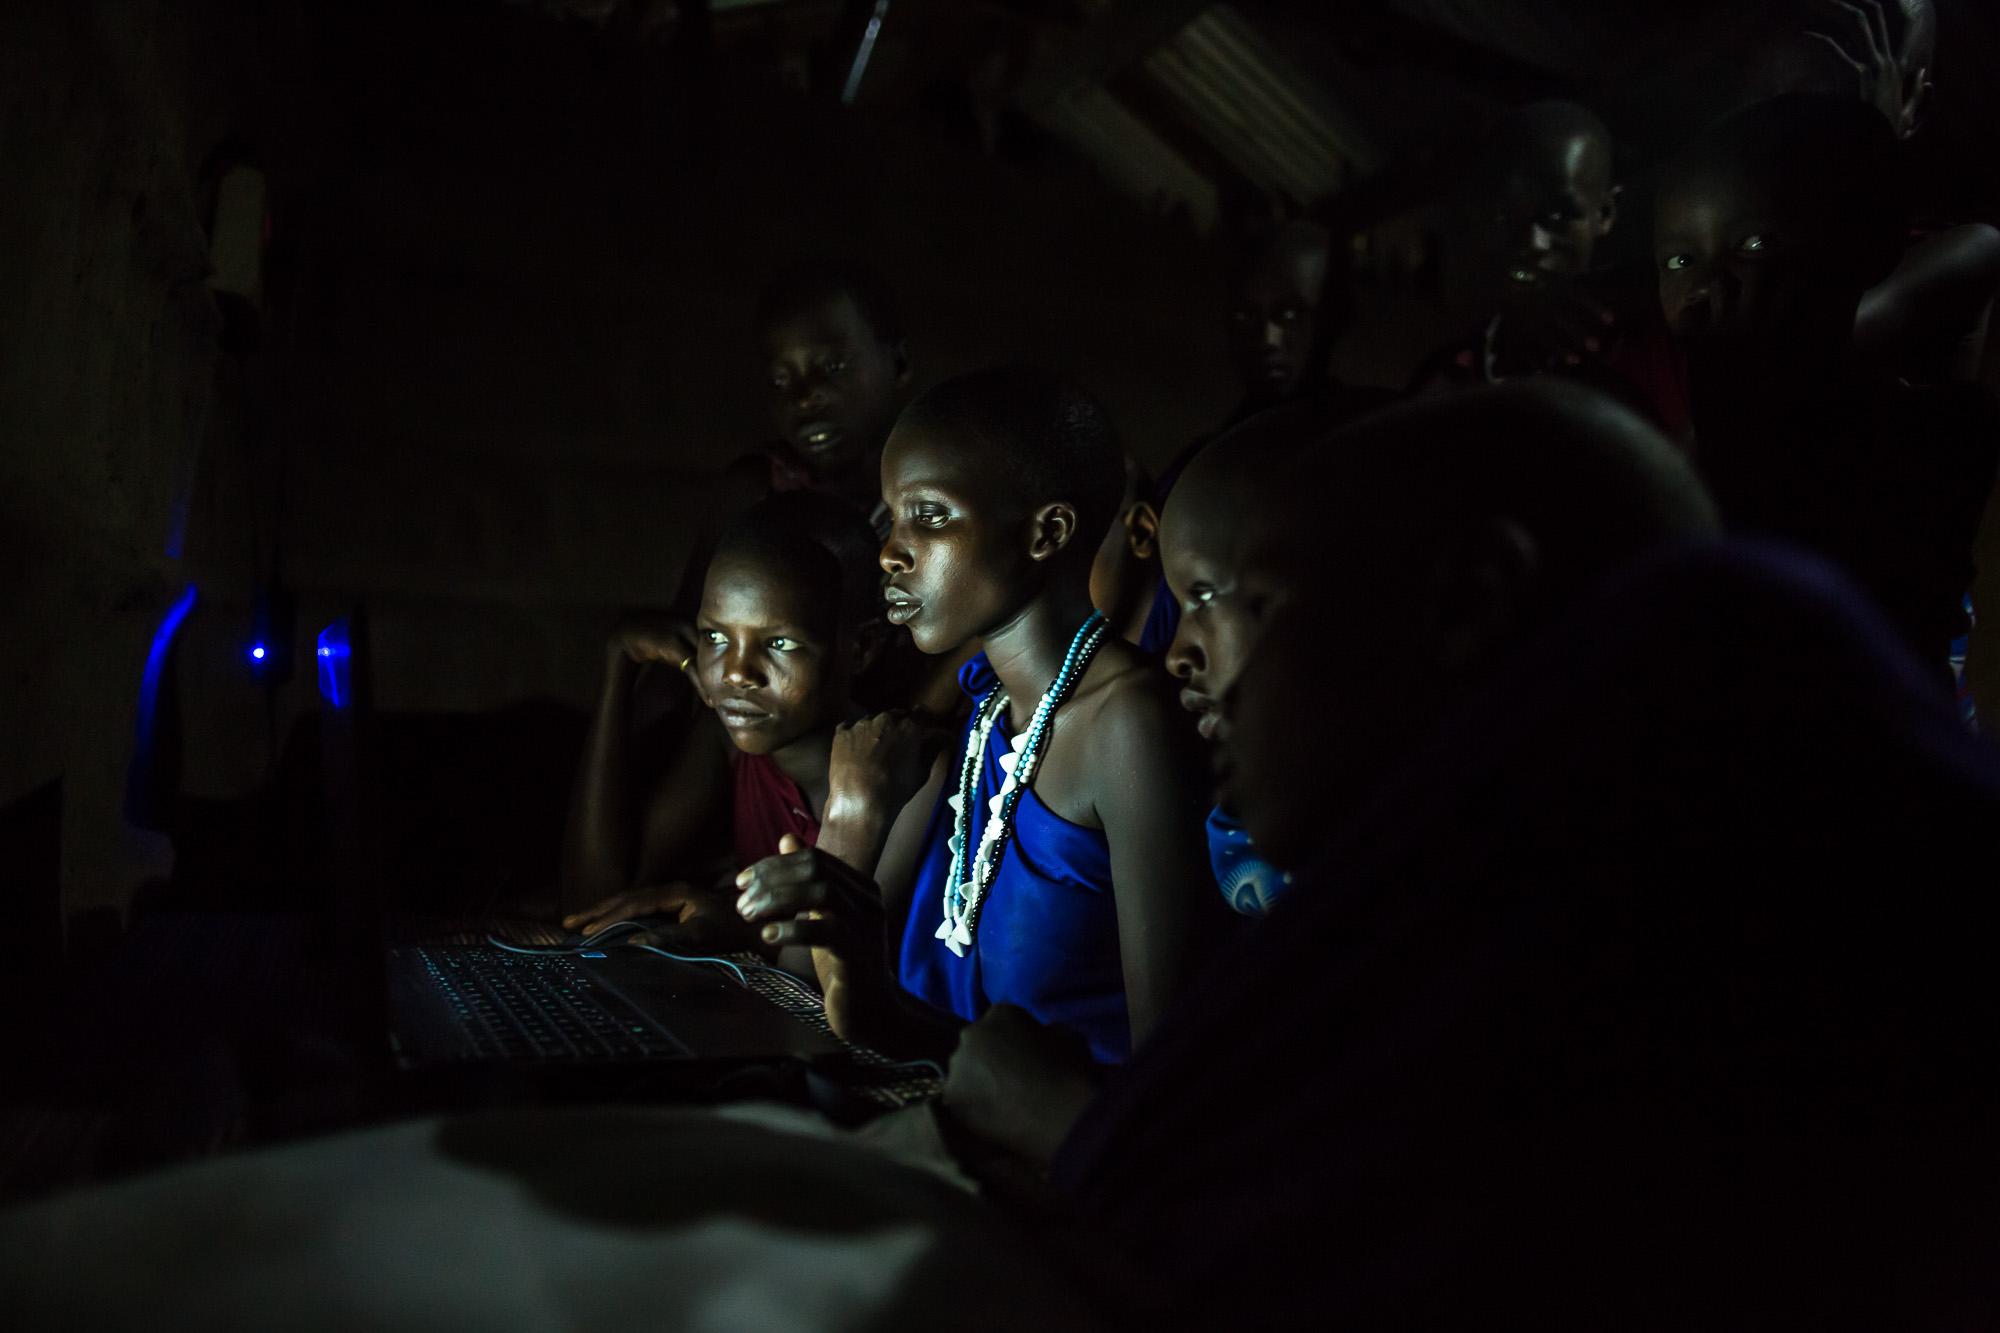 150203-tanzania-wingard-0525-web.jpg